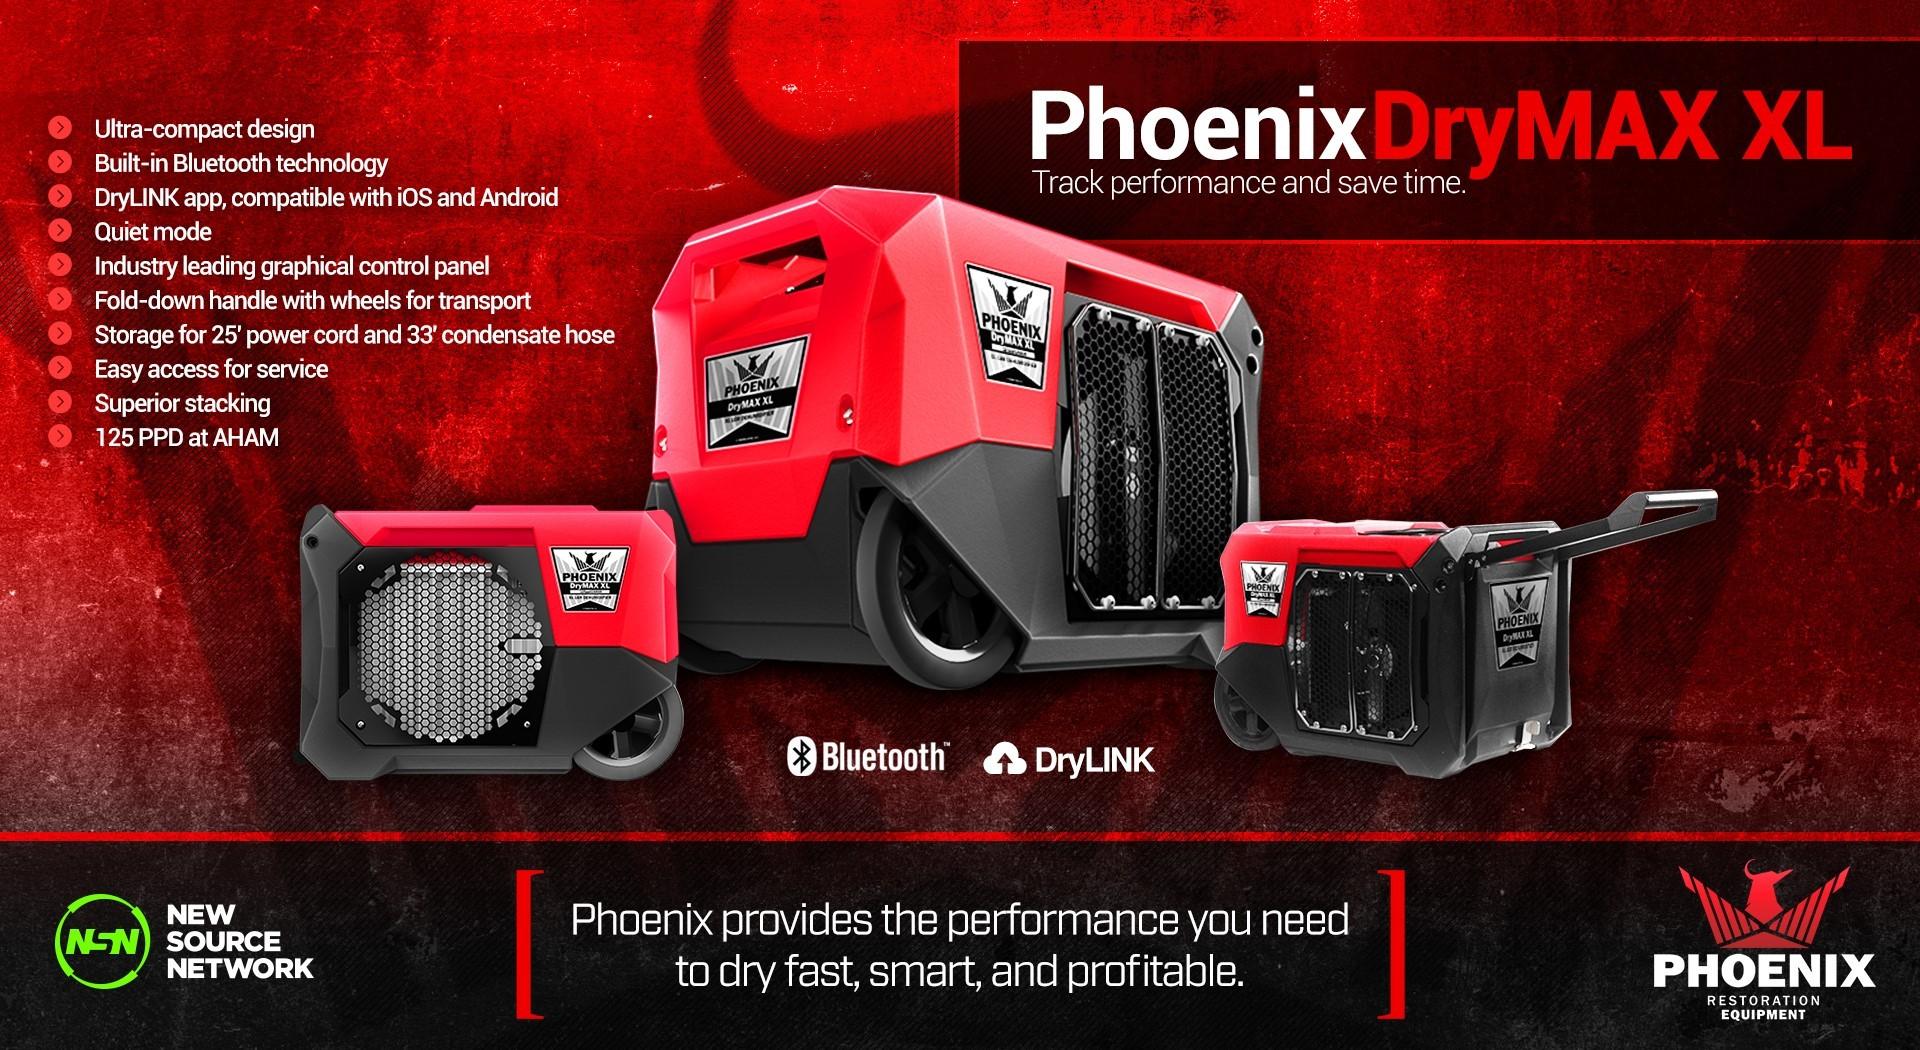 PHOENIX Dry MAX XL 4037000